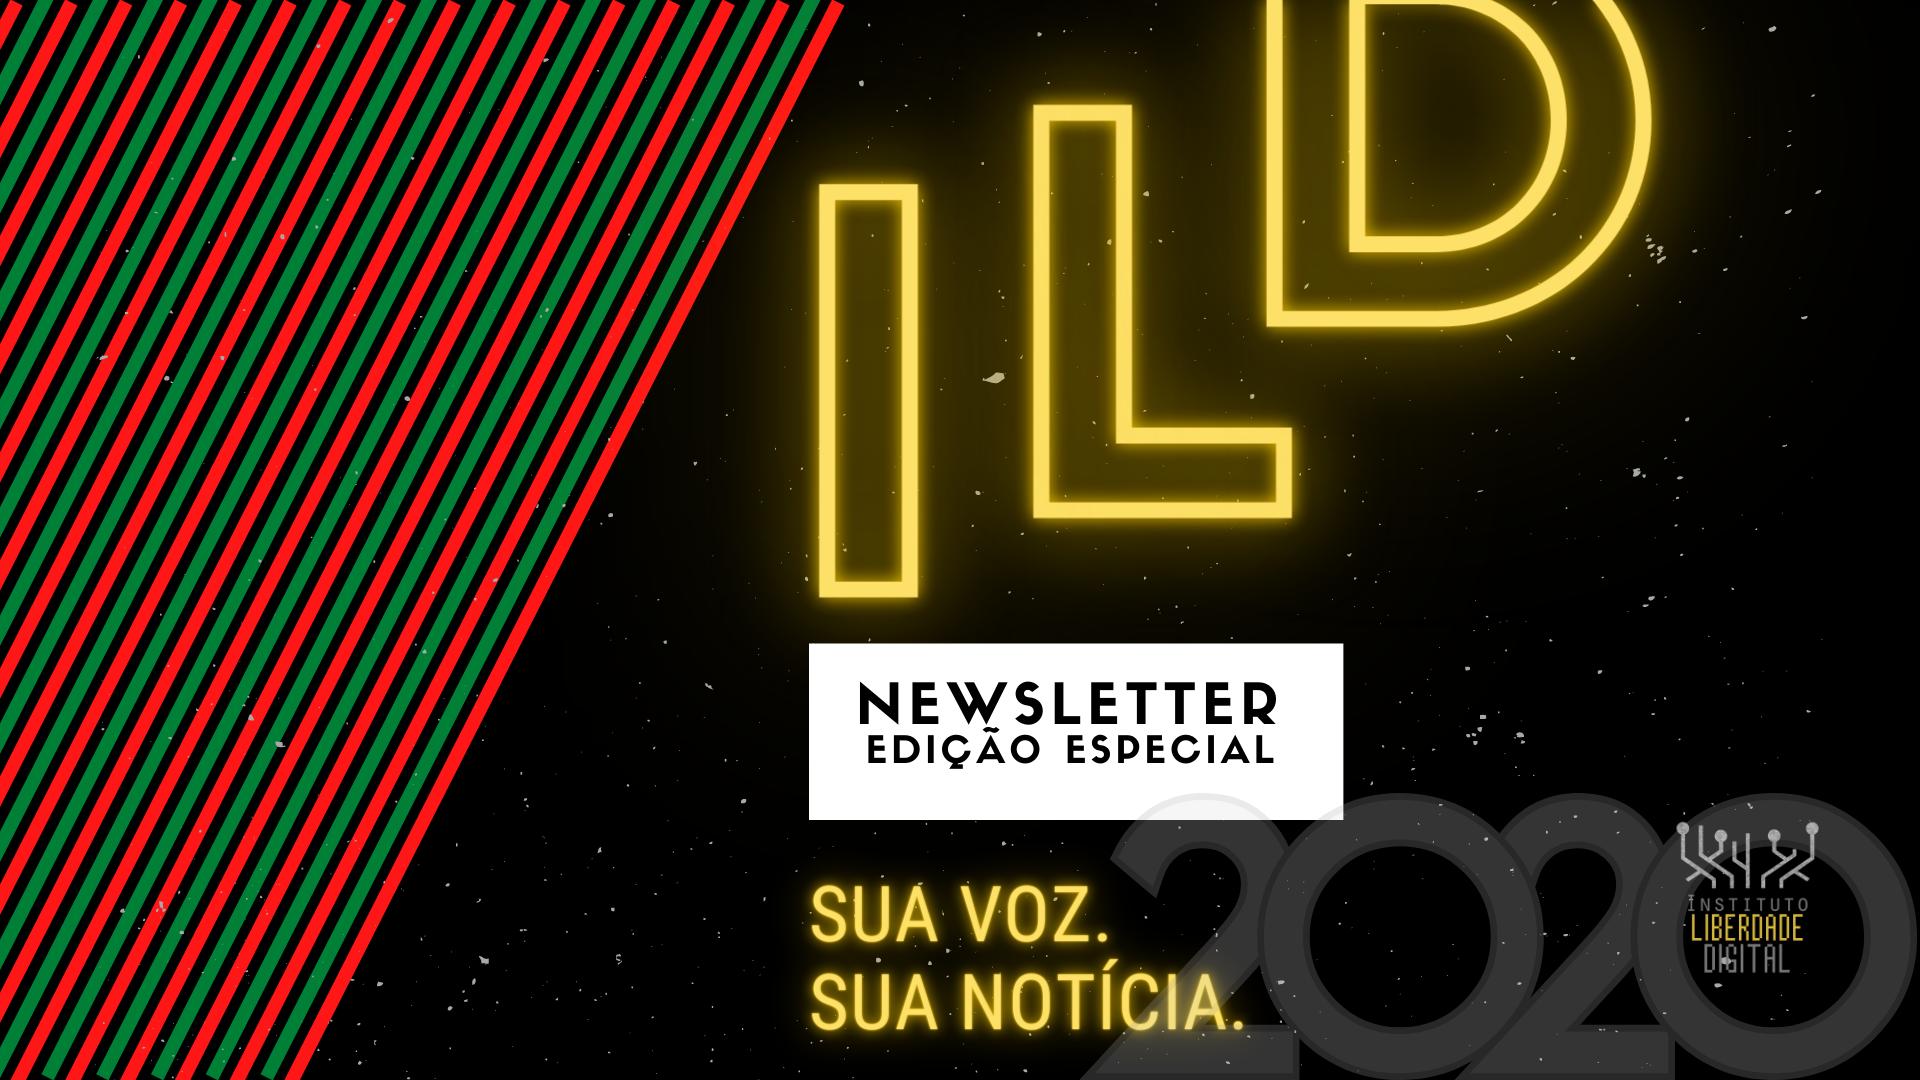 Newsletter – Edição Especial